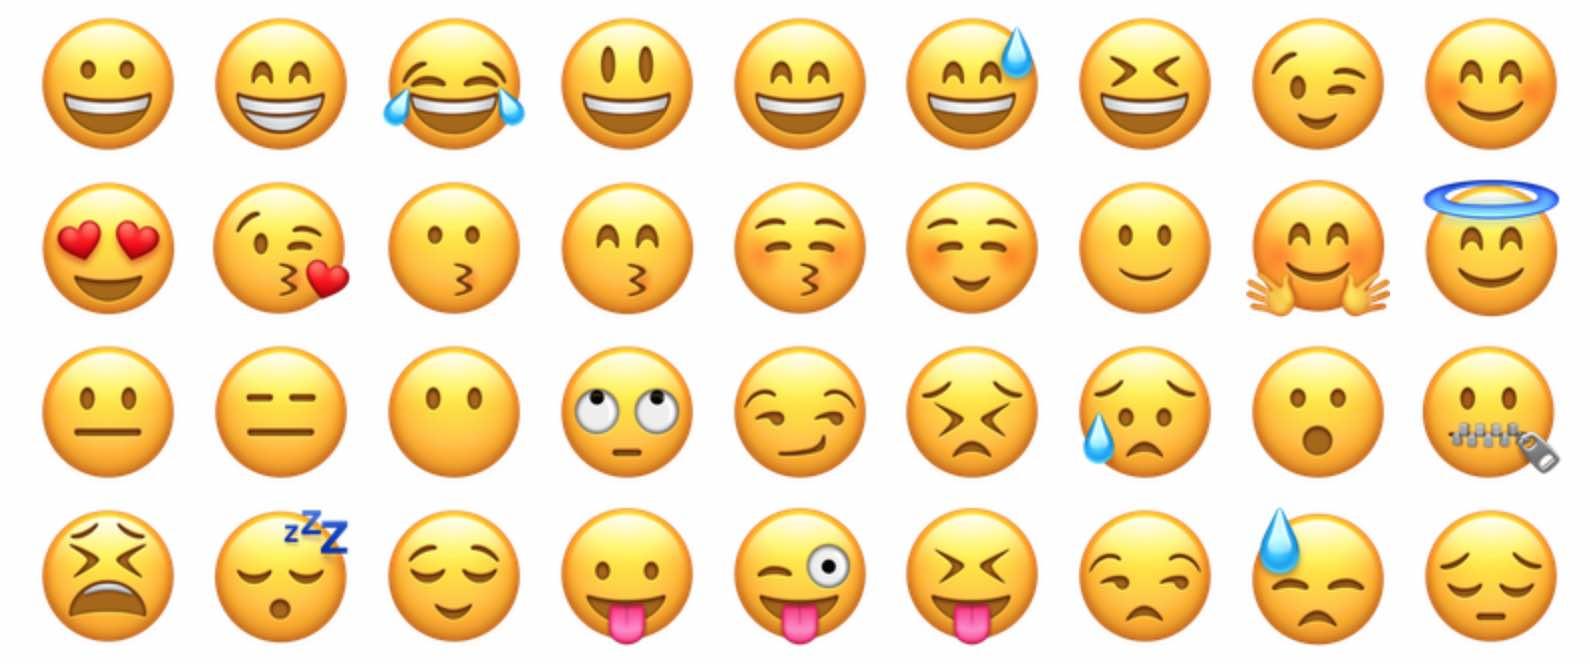 como se escribre Emoji o emogi